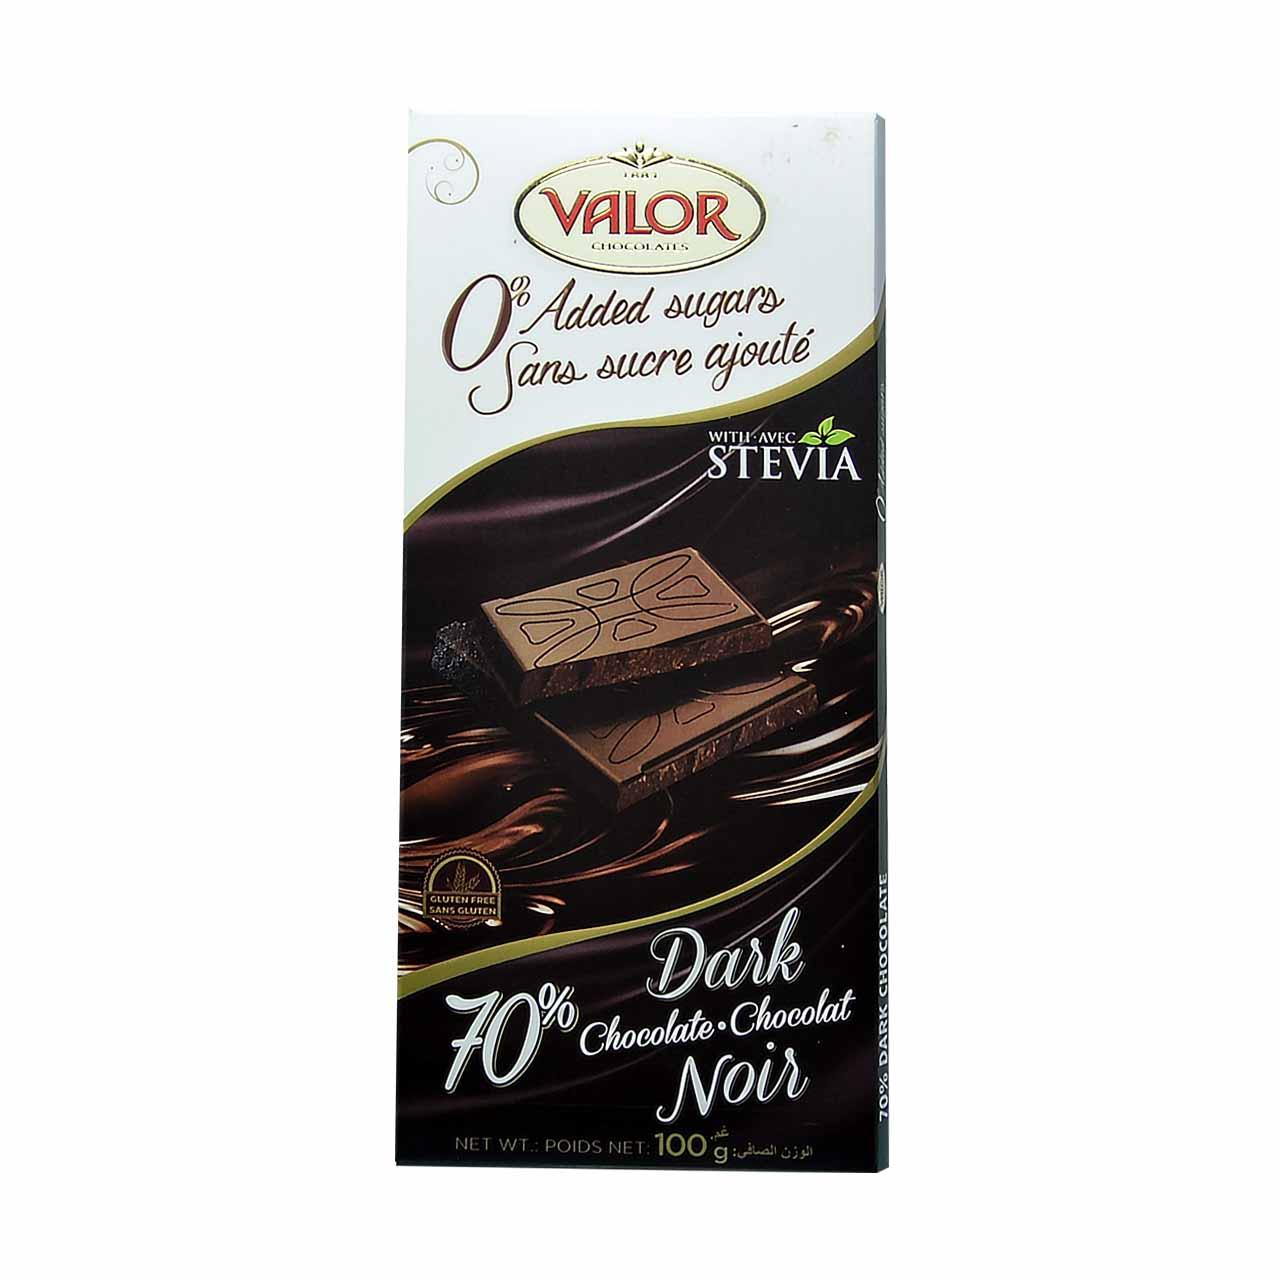 شکلات تلخ ۷۰ درصد با استویا والور – valor